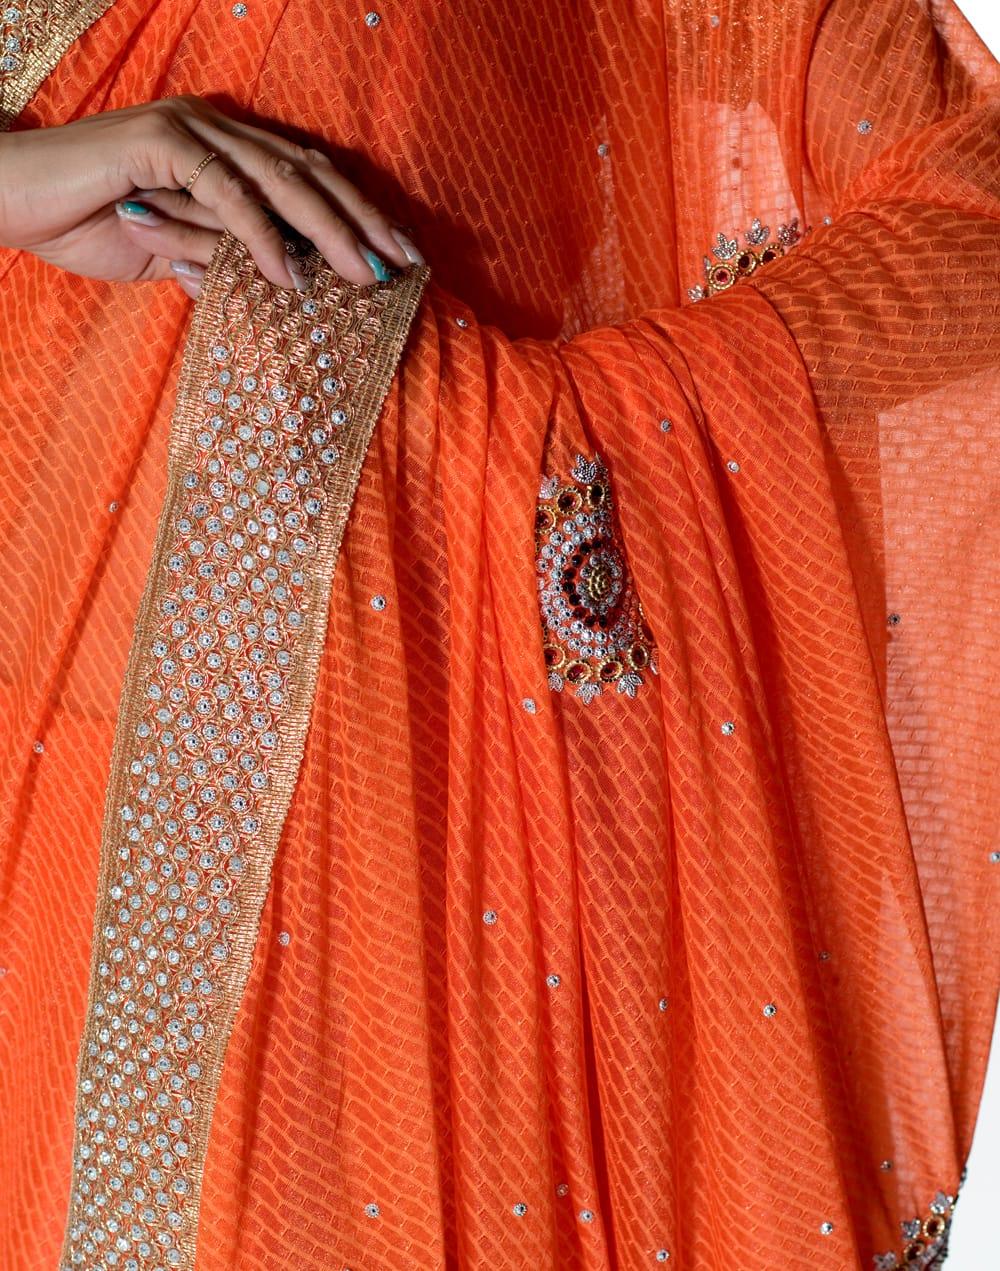 金糸とビーズ刺繍 レンガ模様のマハラニインドサリー【チョリ付き】 - オレンジ 6 - とても綺麗なサリーです